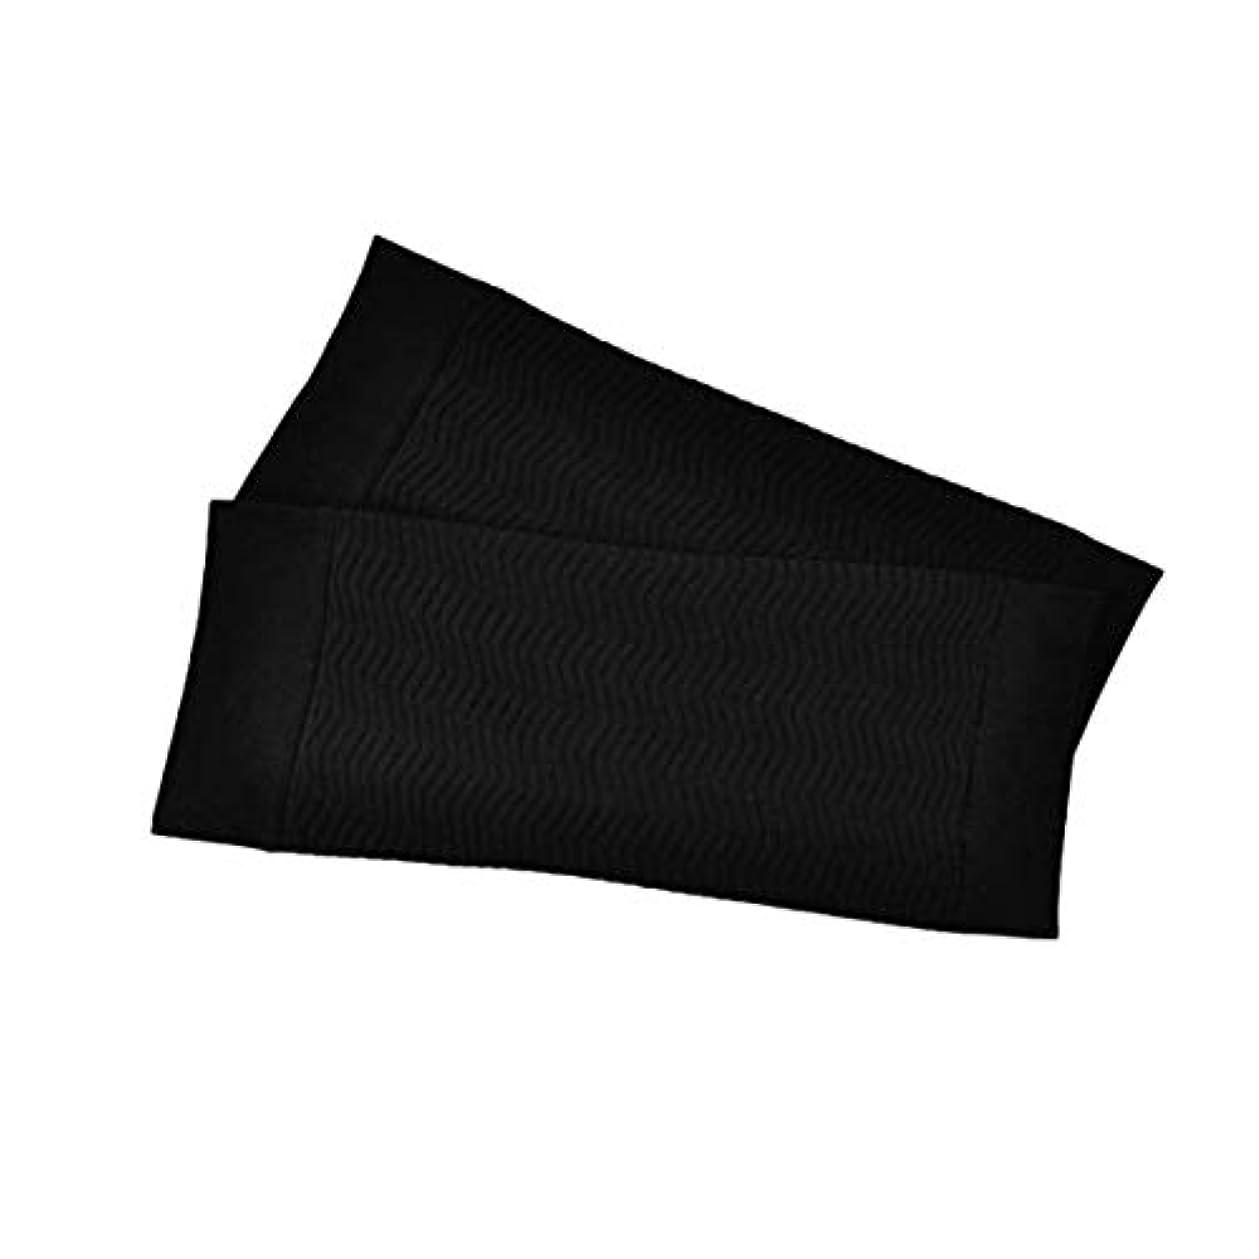 リア王はさみ円形の1ペア680 D圧縮アームシェイパーワークアウトトーニングバーンセルライトスリミングアームスリーブ脂肪燃焼半袖用女性 - ブラック